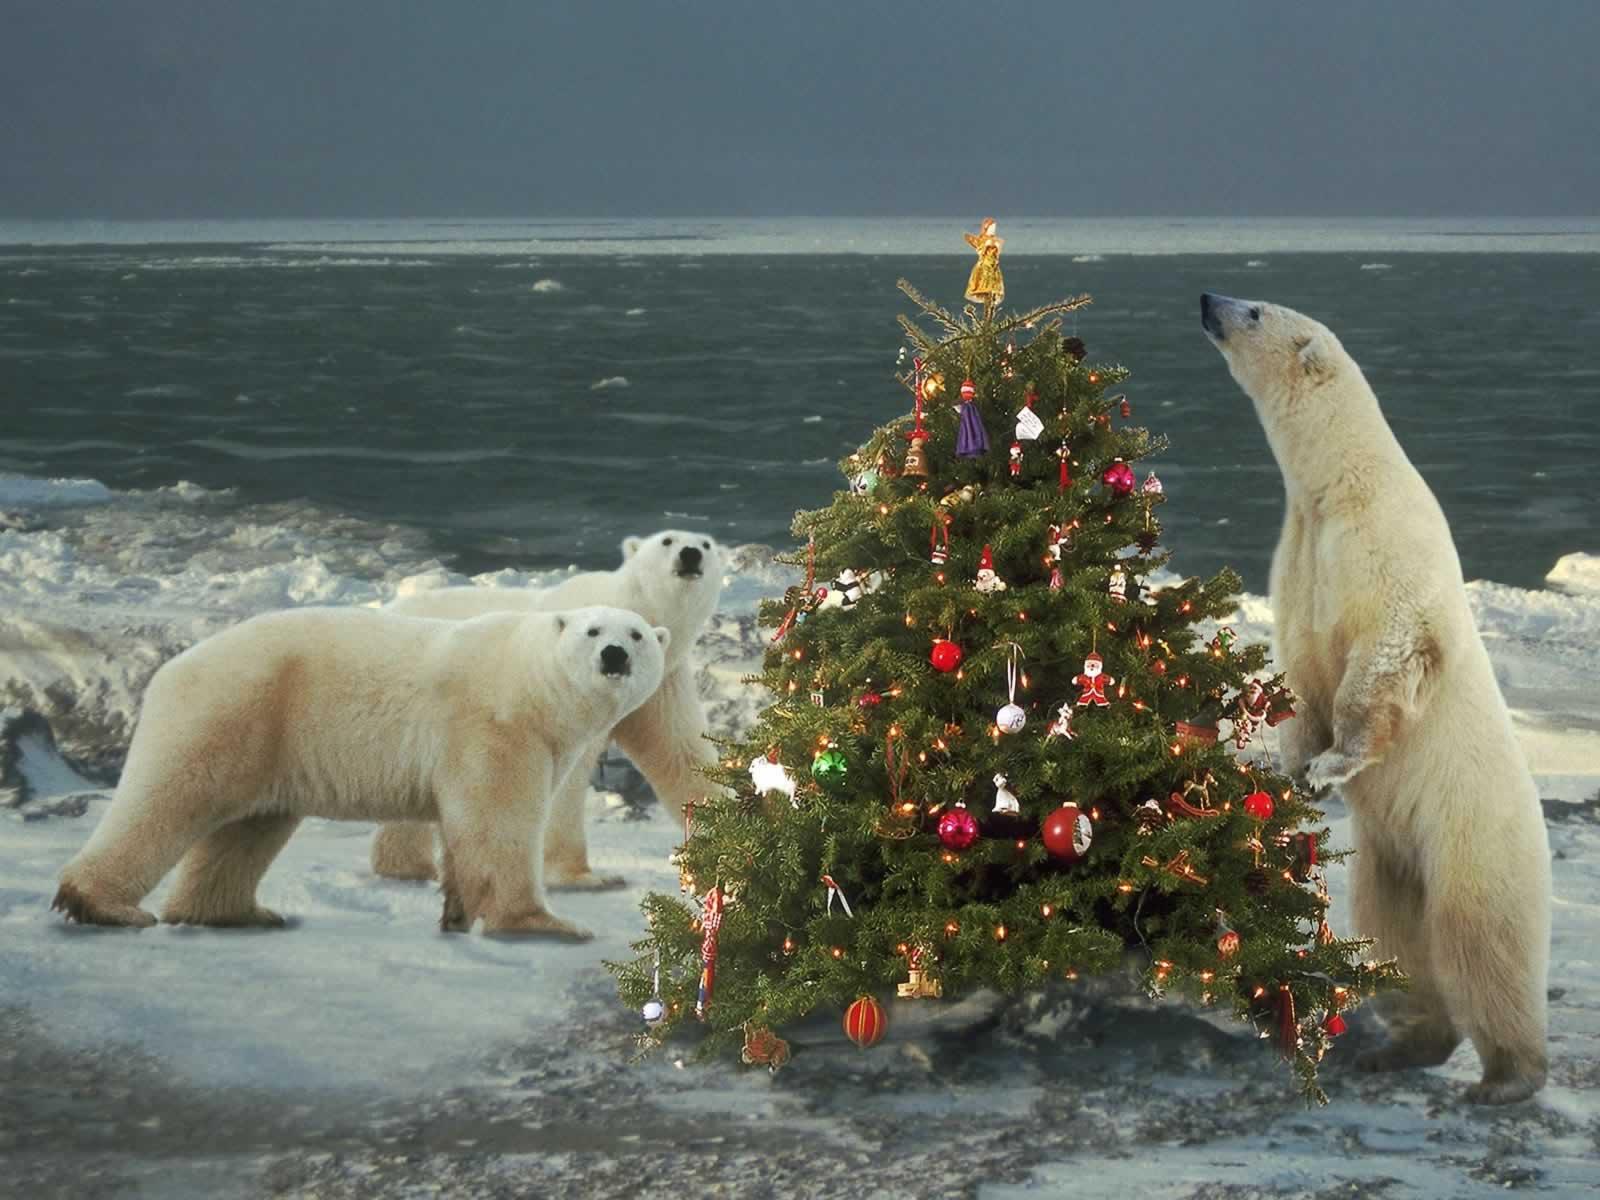 Funny Wallpaper Christmas Animal